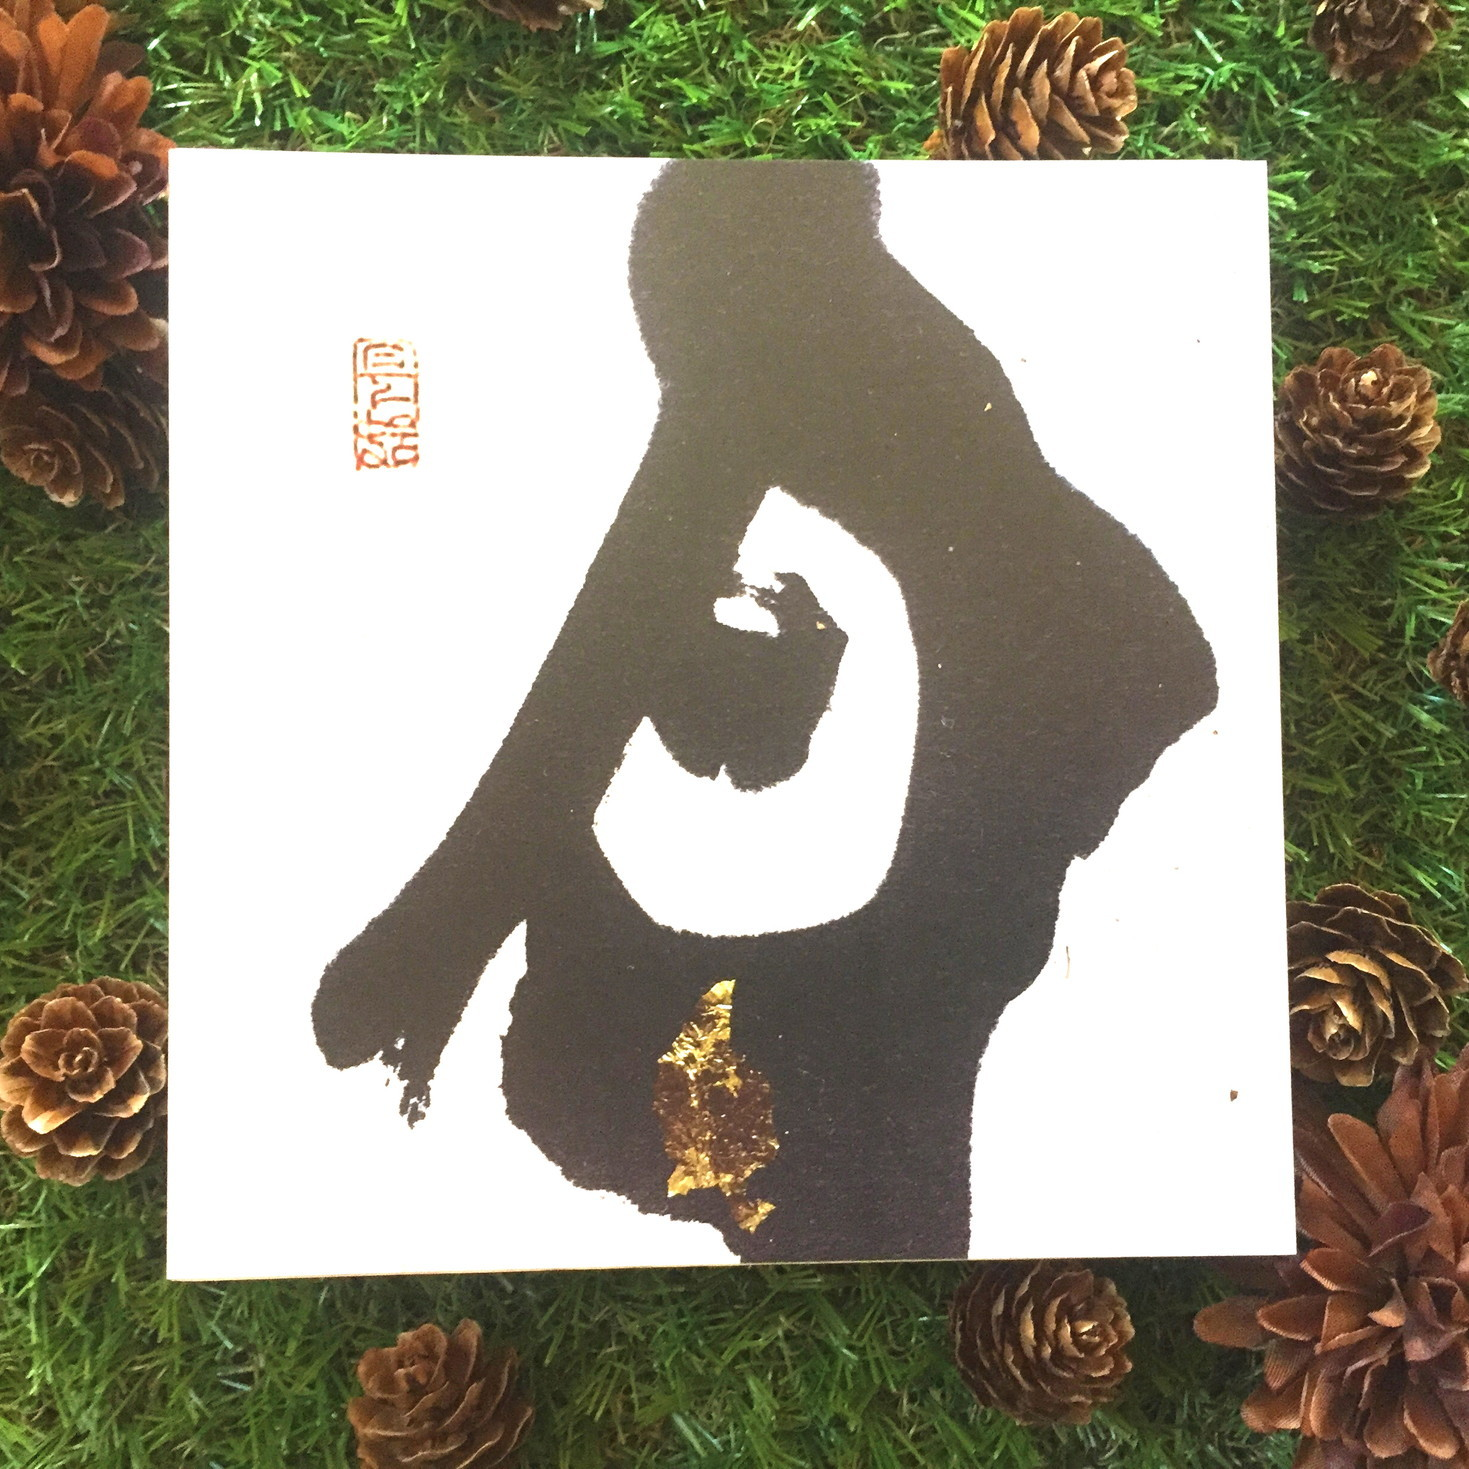 絵画 インテリア アートパネル 雑貨 壁掛け 置物 おしゃれ 和風アート 和 水彩画 染色画 アクリル画 ロココロ 画家 : 中島月下村 作品 : 月